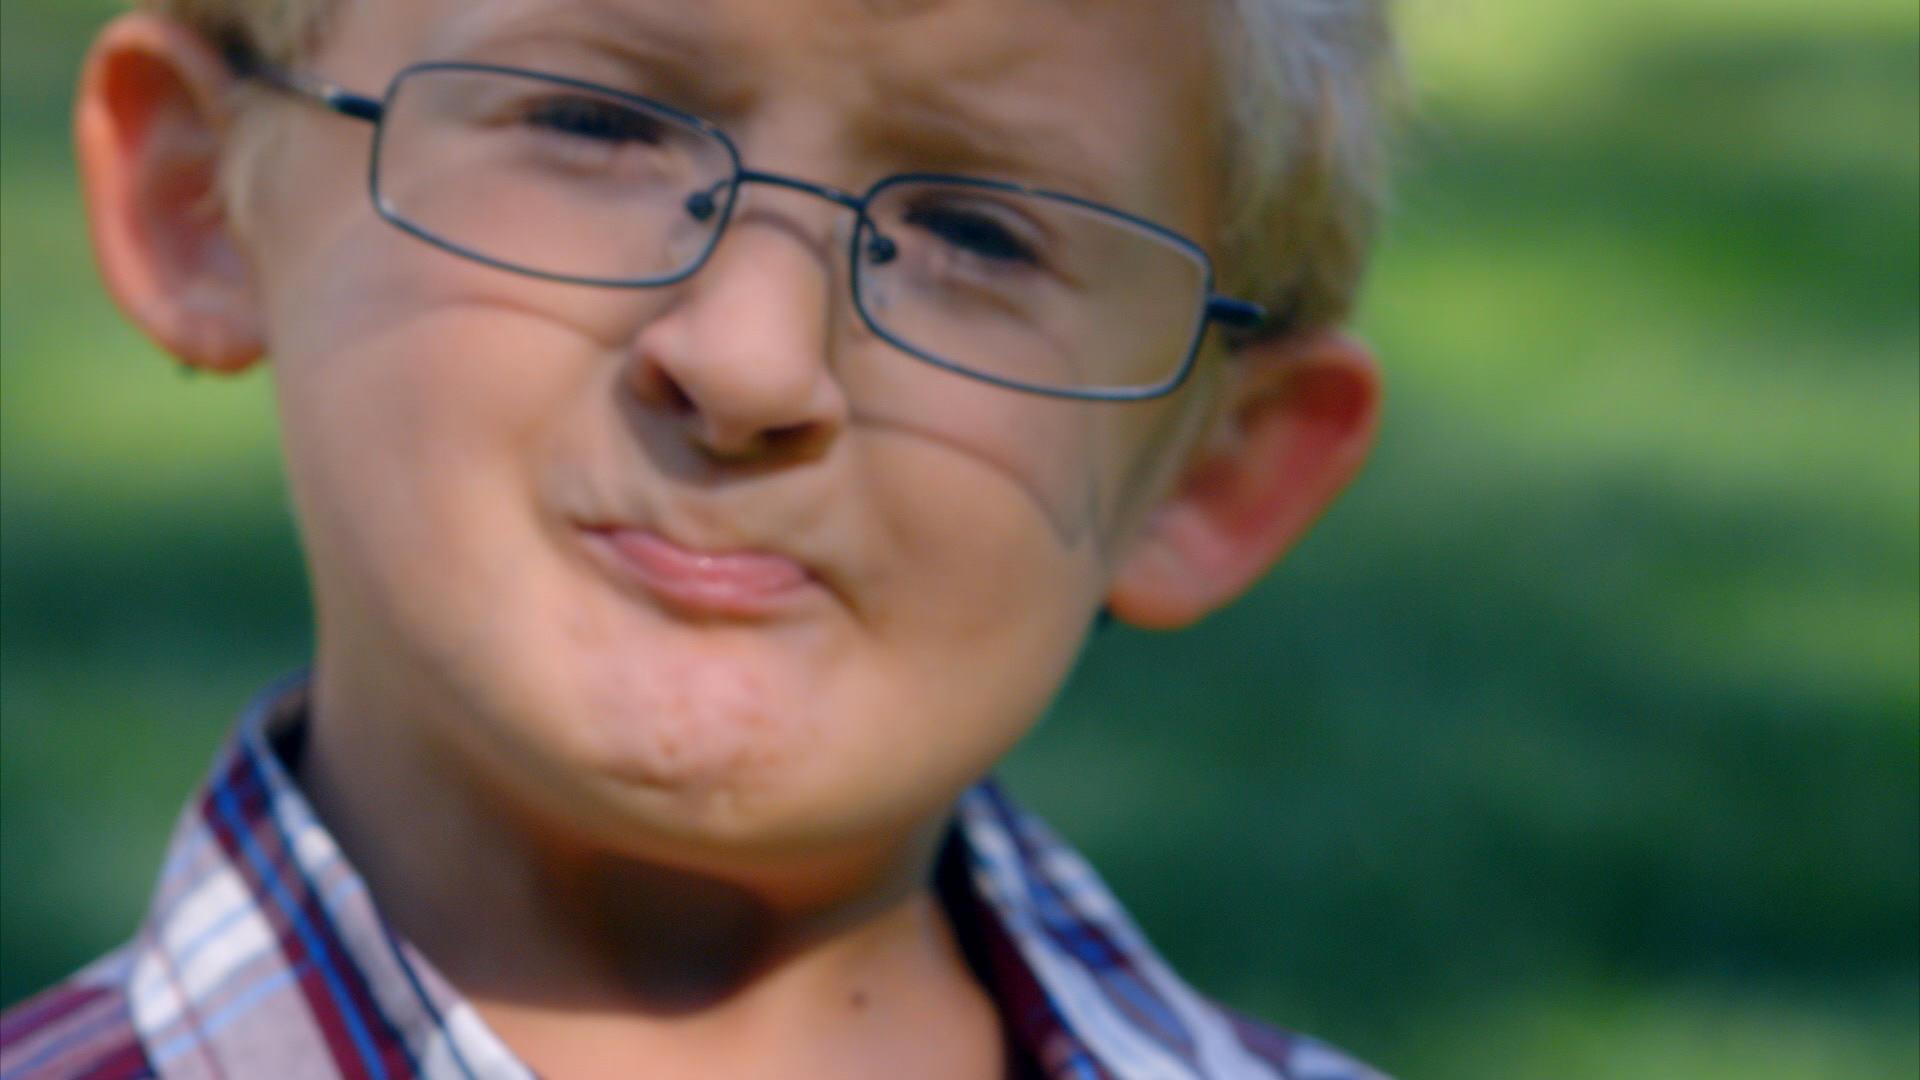 Фото детей с синдромом ларсен